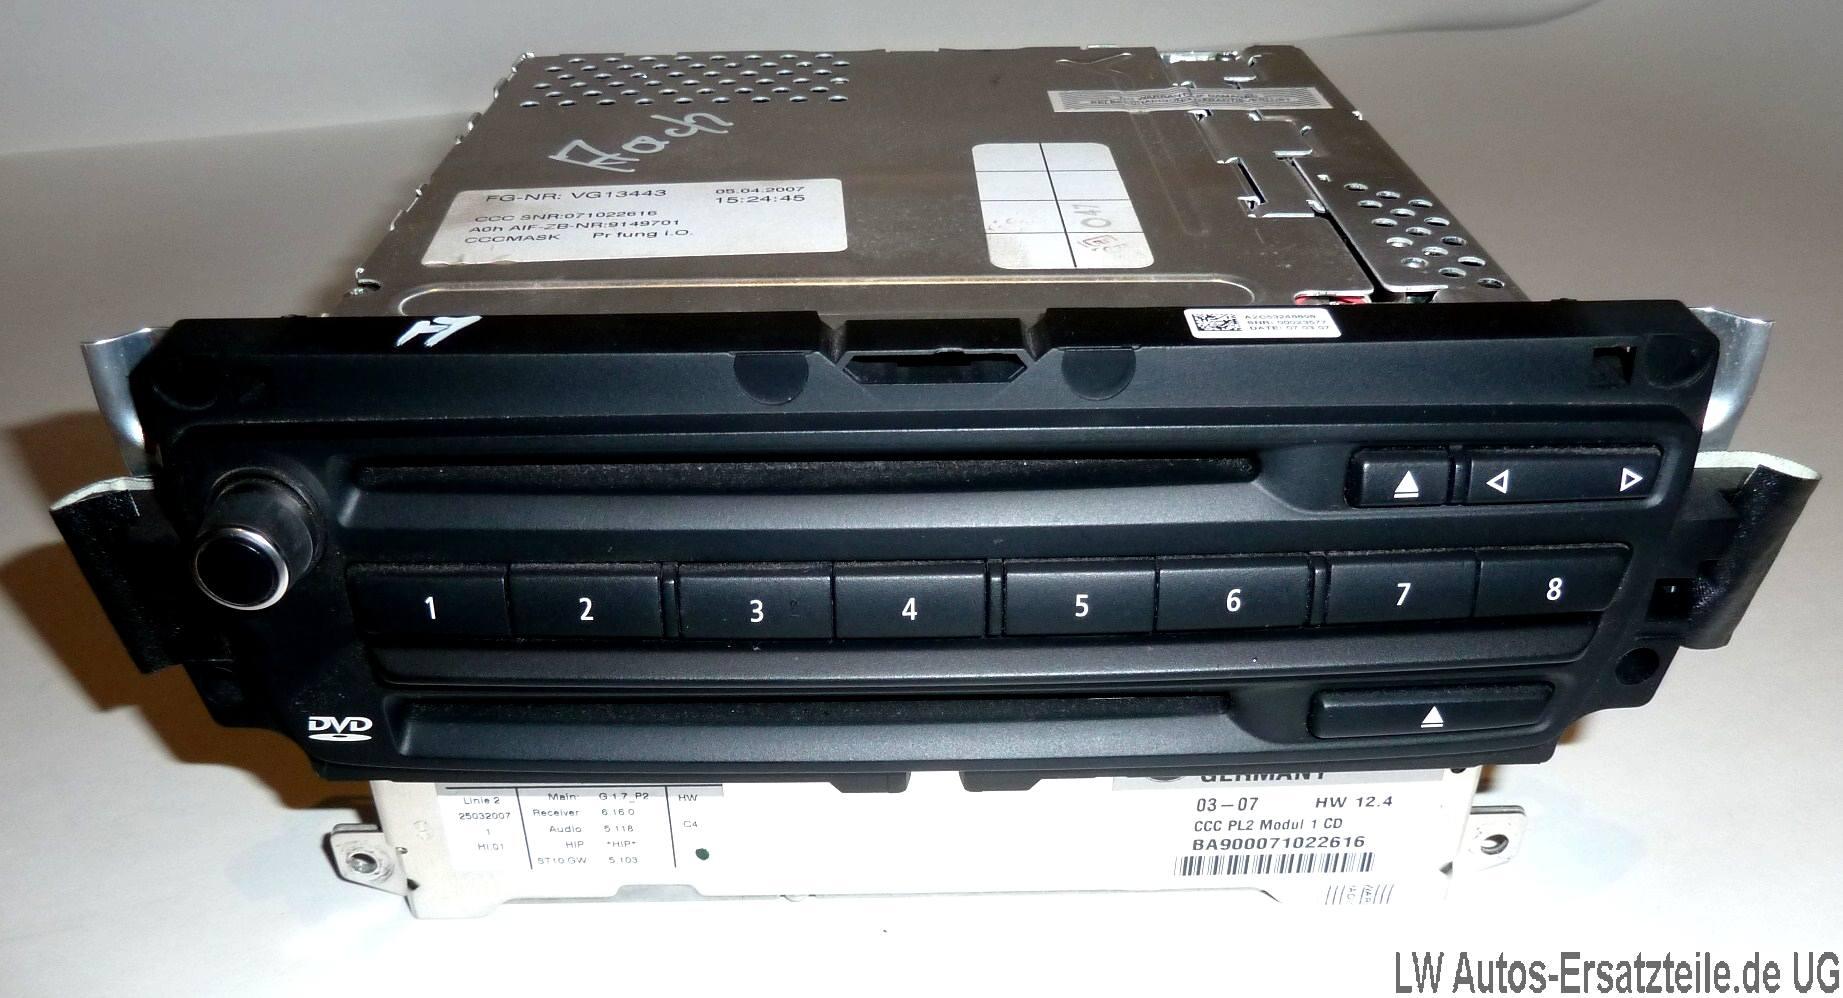 bmw 1er 3er e91 e90 dvd navi rechner navigation professi. Black Bedroom Furniture Sets. Home Design Ideas